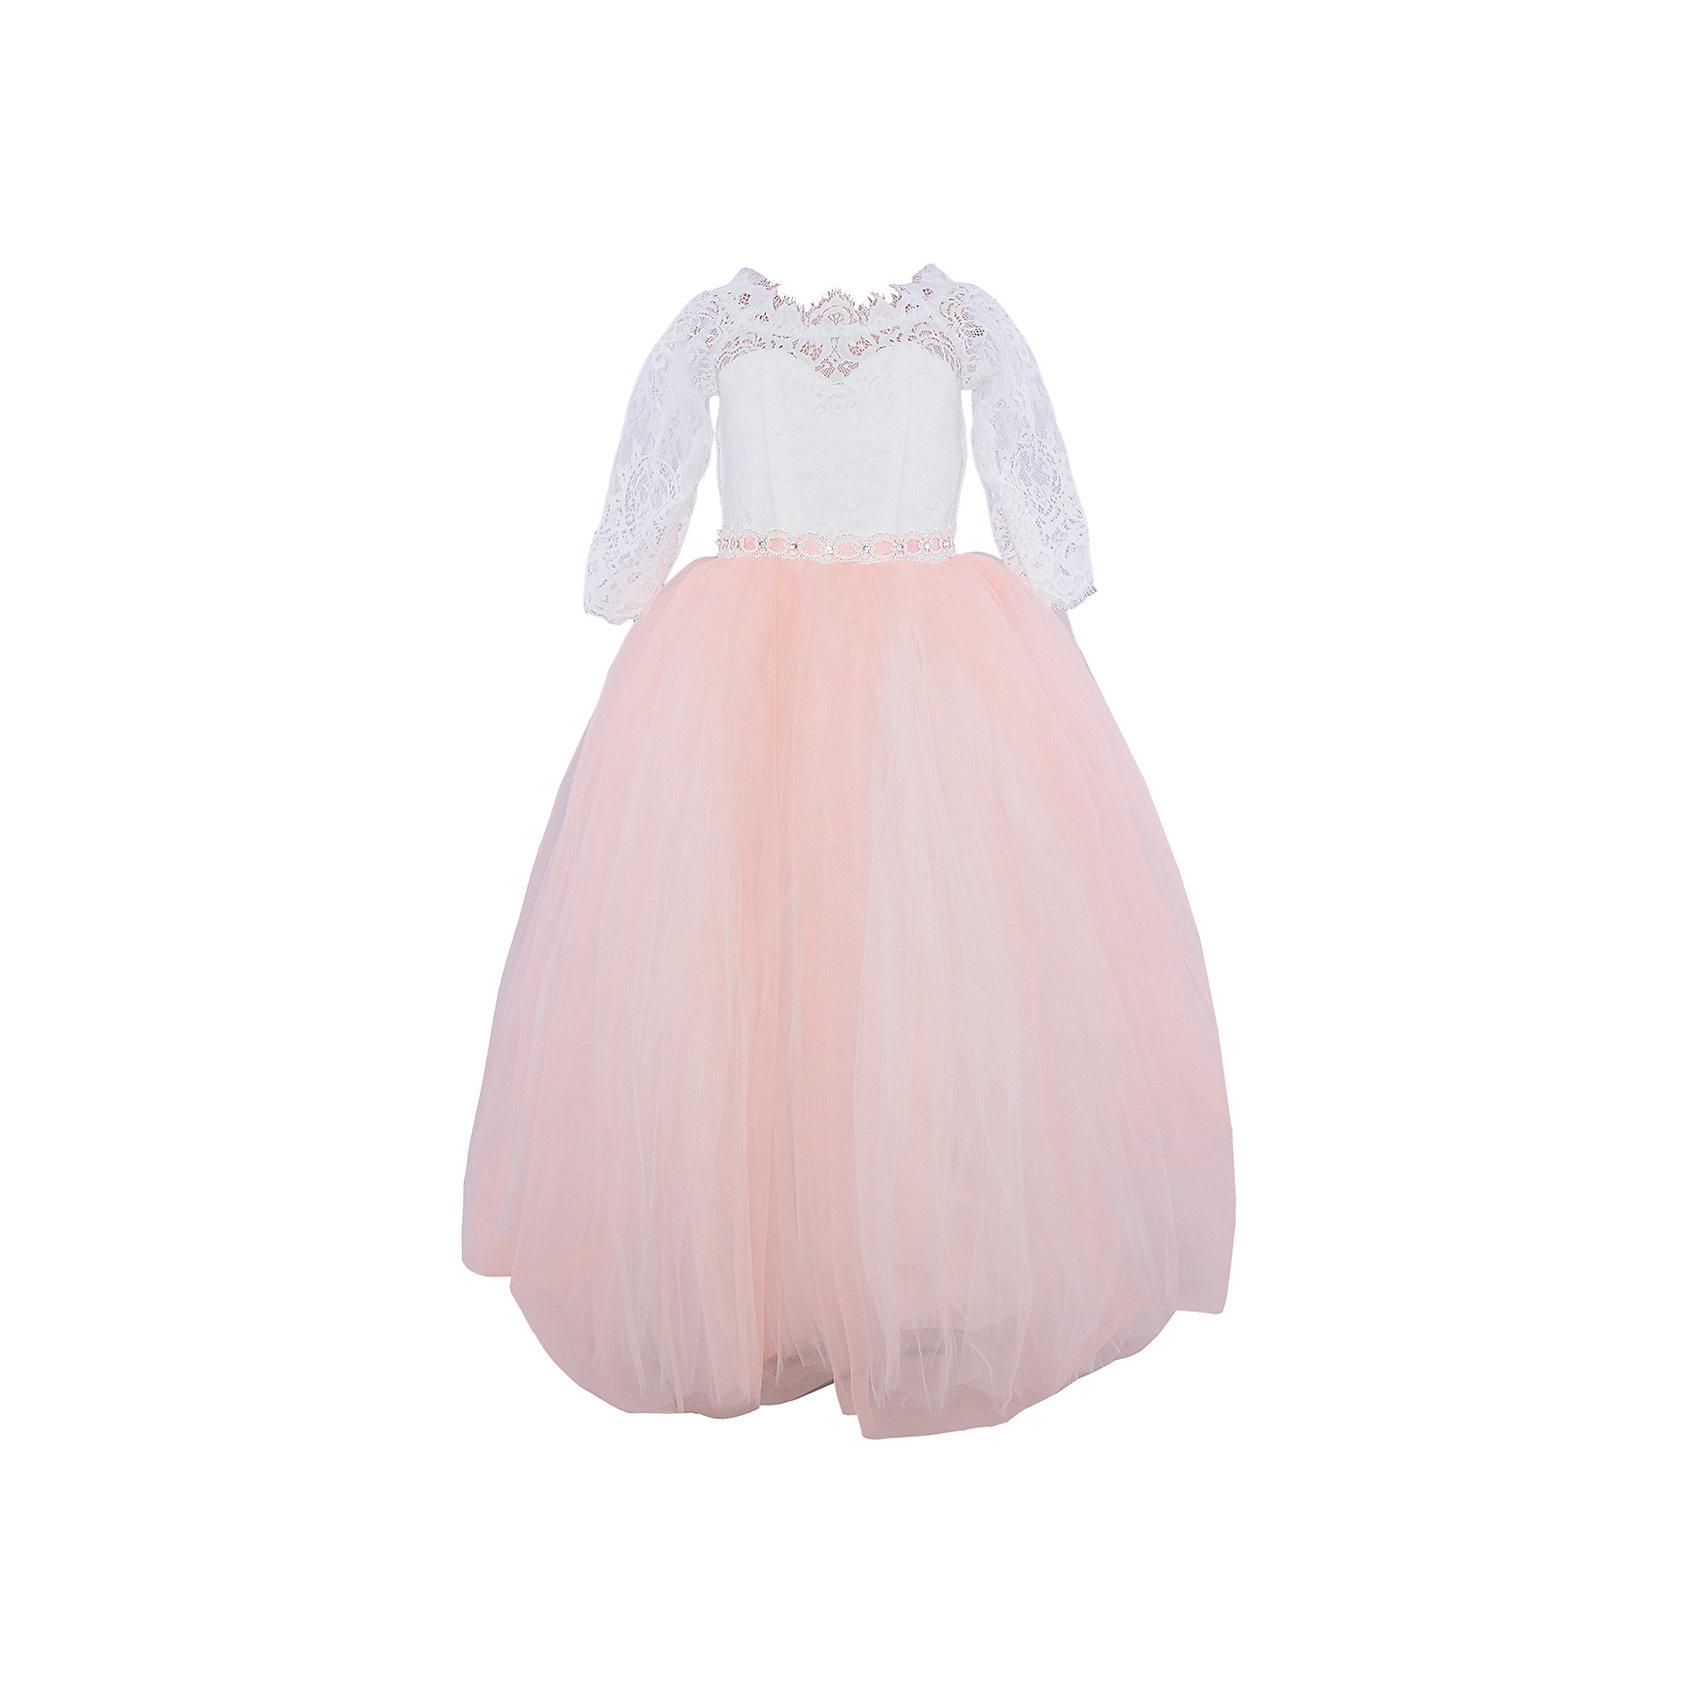 Платье нарядное ПрестижОдежда<br>Платье для девочки Престиж.<br><br>Характеристики:<br><br>• пышный силуэт<br>• корсет<br>• рукав три четверти<br>• цвет: персиковый<br>• состав: 100% полиэстер<br><br>Платье для девочки Престиж имеет пышный силуэт и рукав три четверти. Прекрасное сочетание светлого полупрозрачного лифа и пышной юбки нежного цвета поможет создать элегантный образ маленькой леди.<br><br>Платье регулируется шнуровкой сзади, от талии до верха спинки. Шнуровка в комплекте.<br>Платье подходит для занятий бальными танцами.<br><br>Платье для девочки Престиж вы можете купить в нашем интернет-магазине.<br><br>Ширина мм: 236<br>Глубина мм: 16<br>Высота мм: 184<br>Вес г: 177<br>Цвет: персиковый<br>Возраст от месяцев: 72<br>Возраст до месяцев: 84<br>Пол: Женский<br>Возраст: Детский<br>Размер: 116,128,122<br>SKU: 5158373